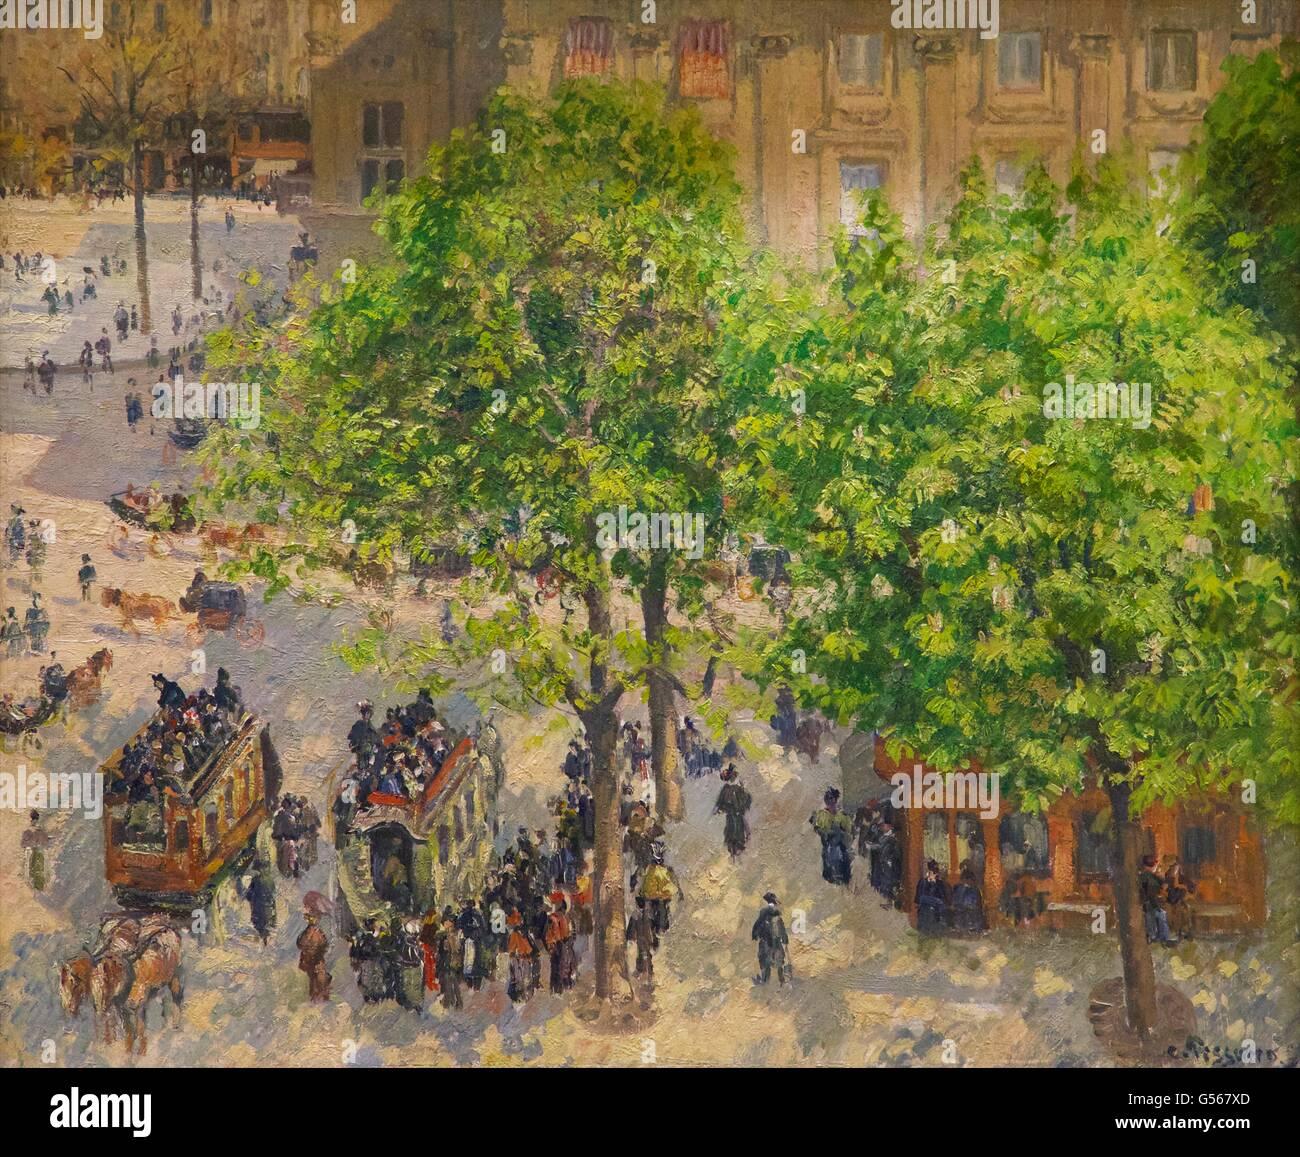 Place du Theatre Francais à Paris, par Camille Pissarro, 1898, Musée de l'Ermitage, Saint-Pétersbourg, Photo Stock